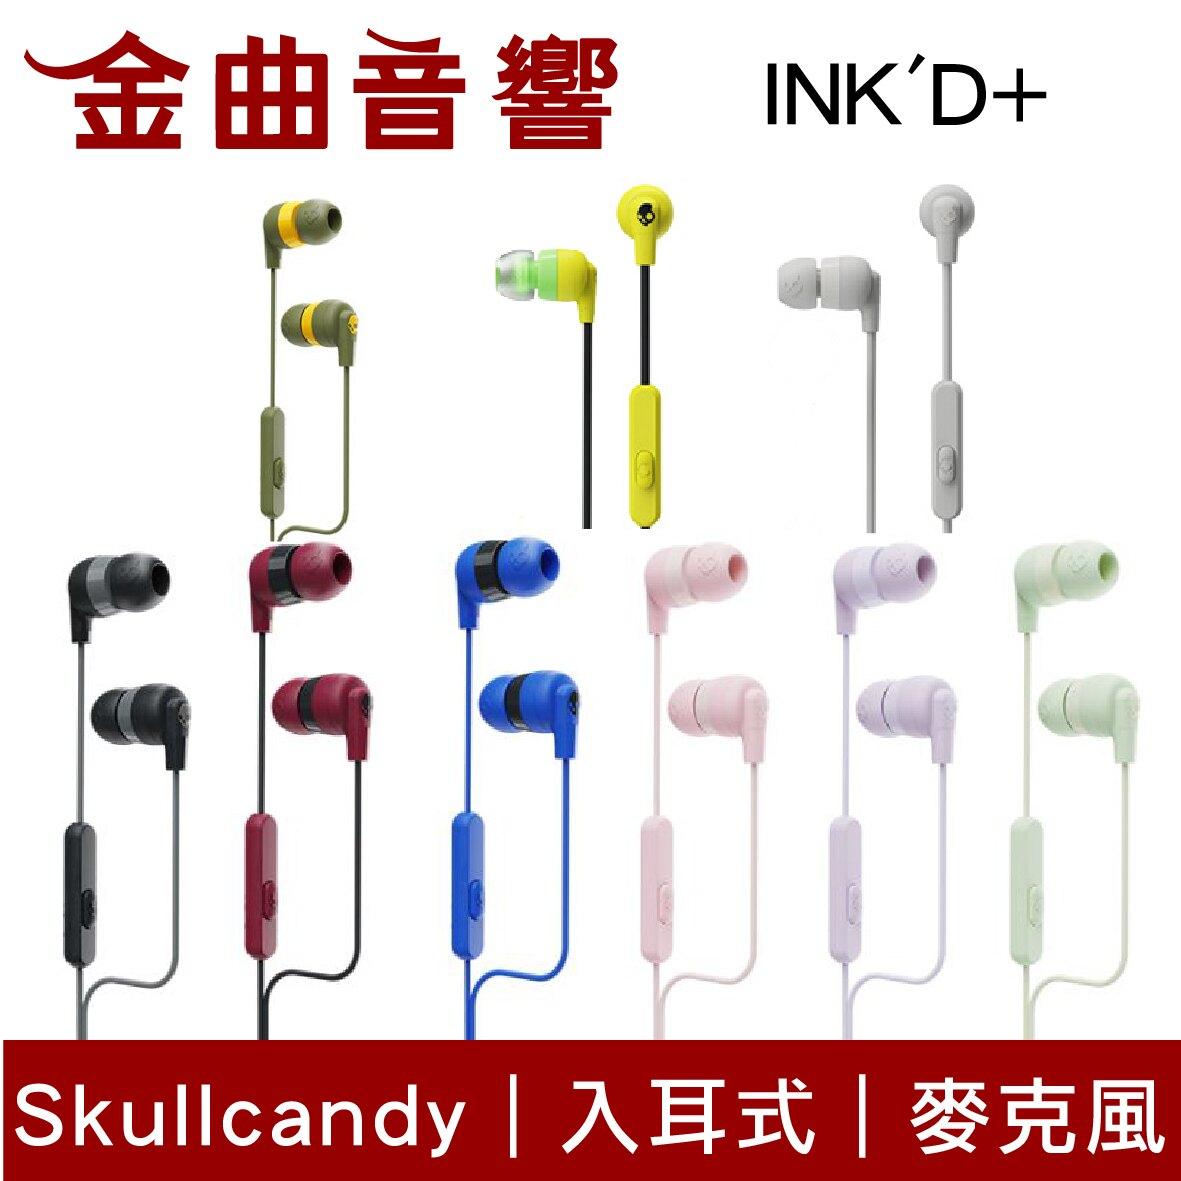 Skullcandy 骷髏糖 INK'D+ 紫 有線 內建麥克風 入耳式 耳機 | 金曲音響